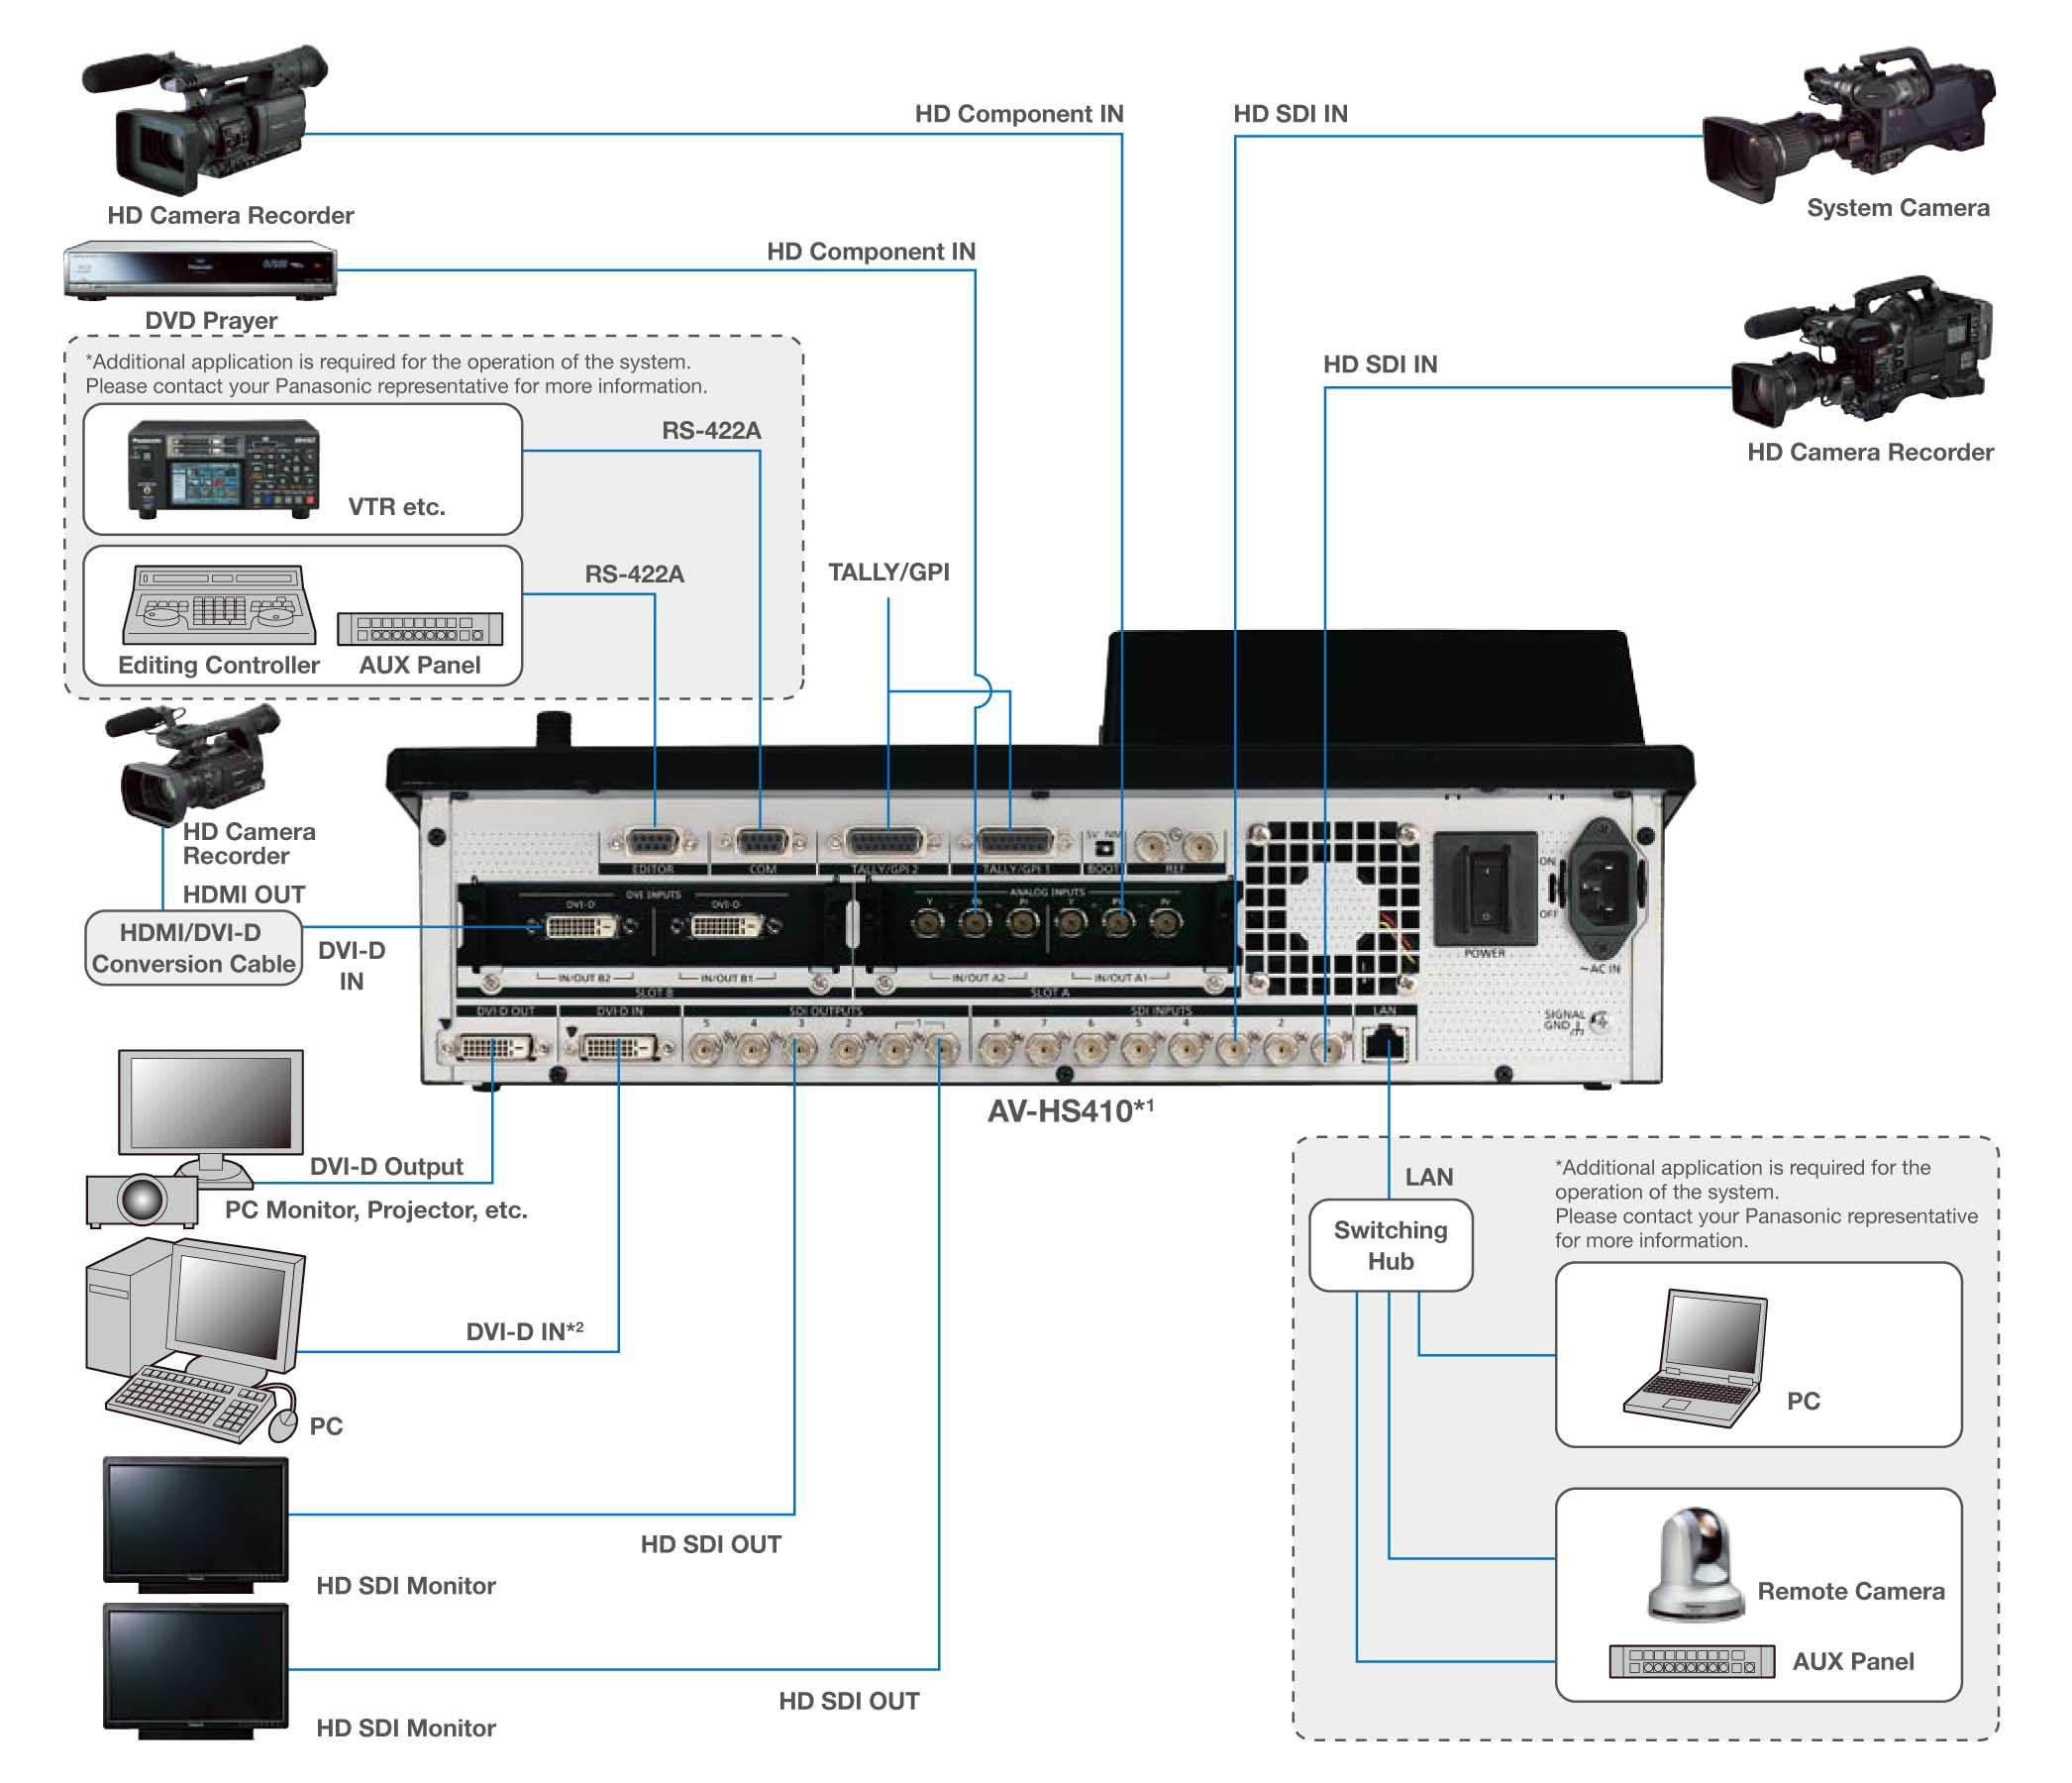 دیاگرام تجهیزات تصویری دیجیتال متصل به میکسر Panasonic